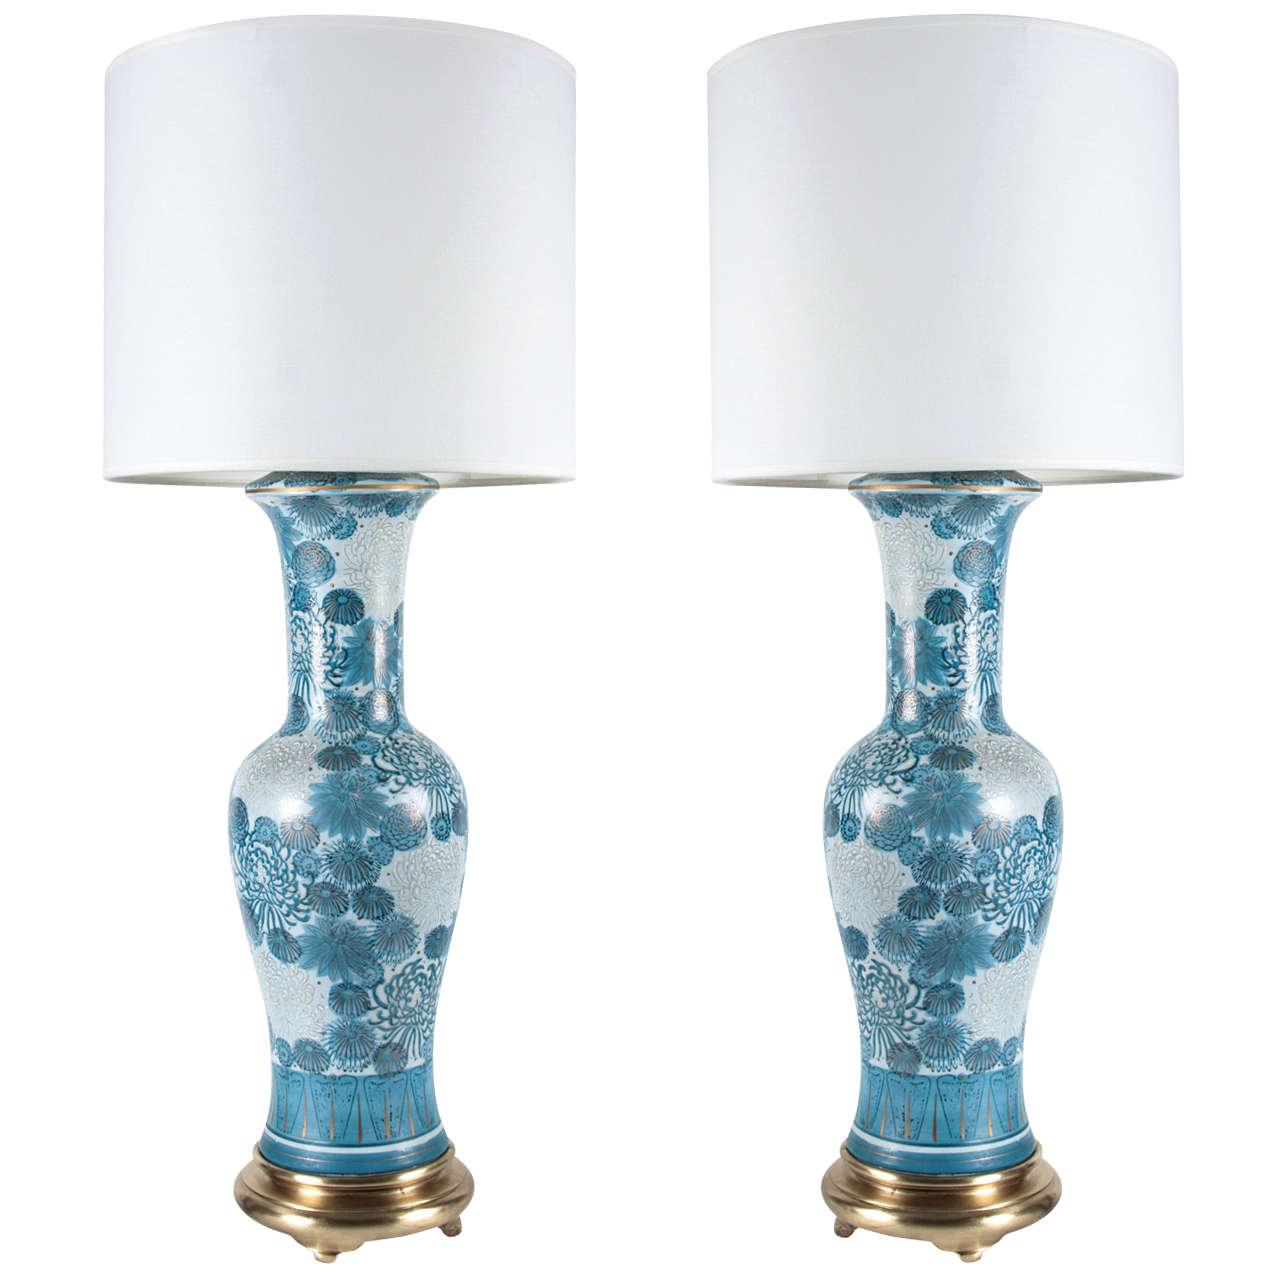 Antique porcelain table lamps - Blue Chrysanthemum Porcelain Lamps By Marbro 1